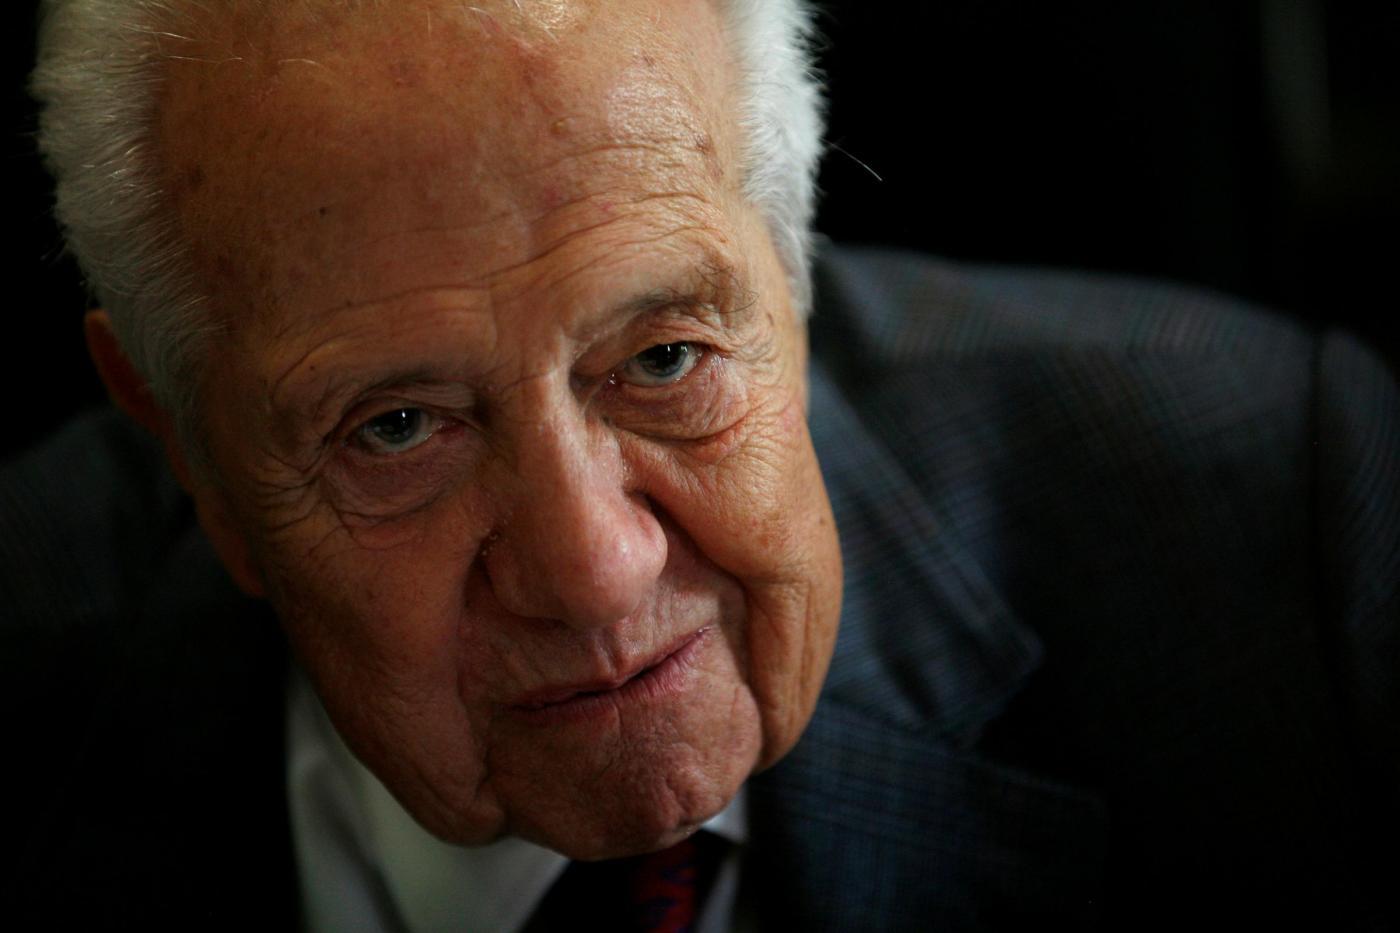 Morto Mario Soares, ex presidente del Portogallo